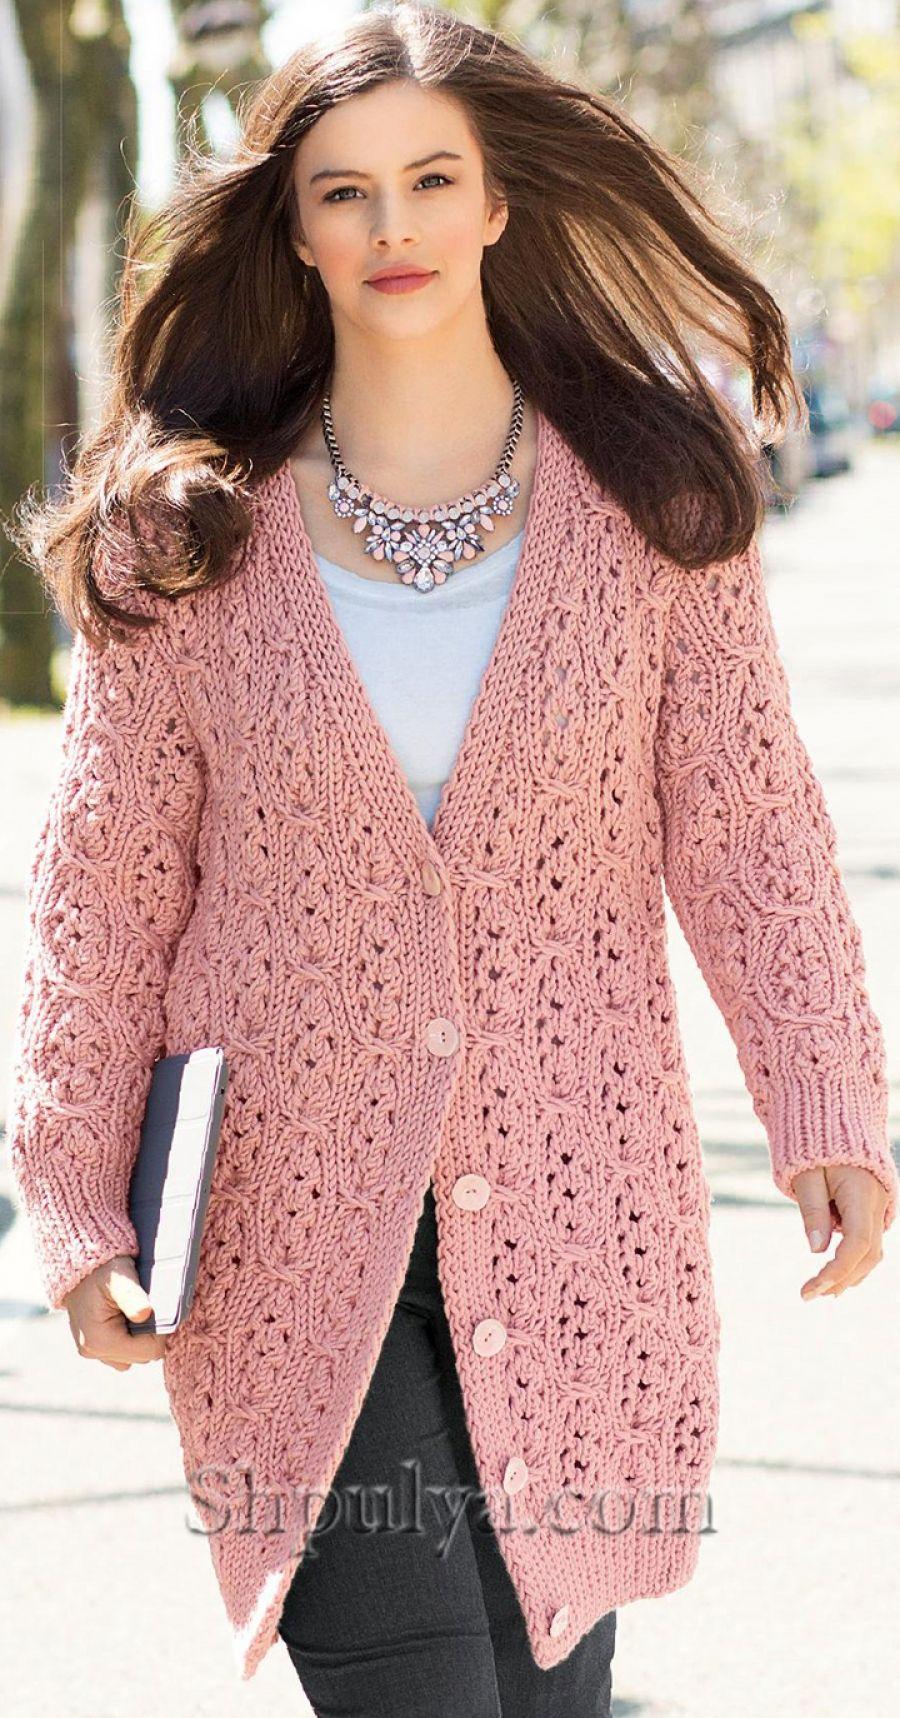 схемы и узоры вязания женского пальто размер 48 50